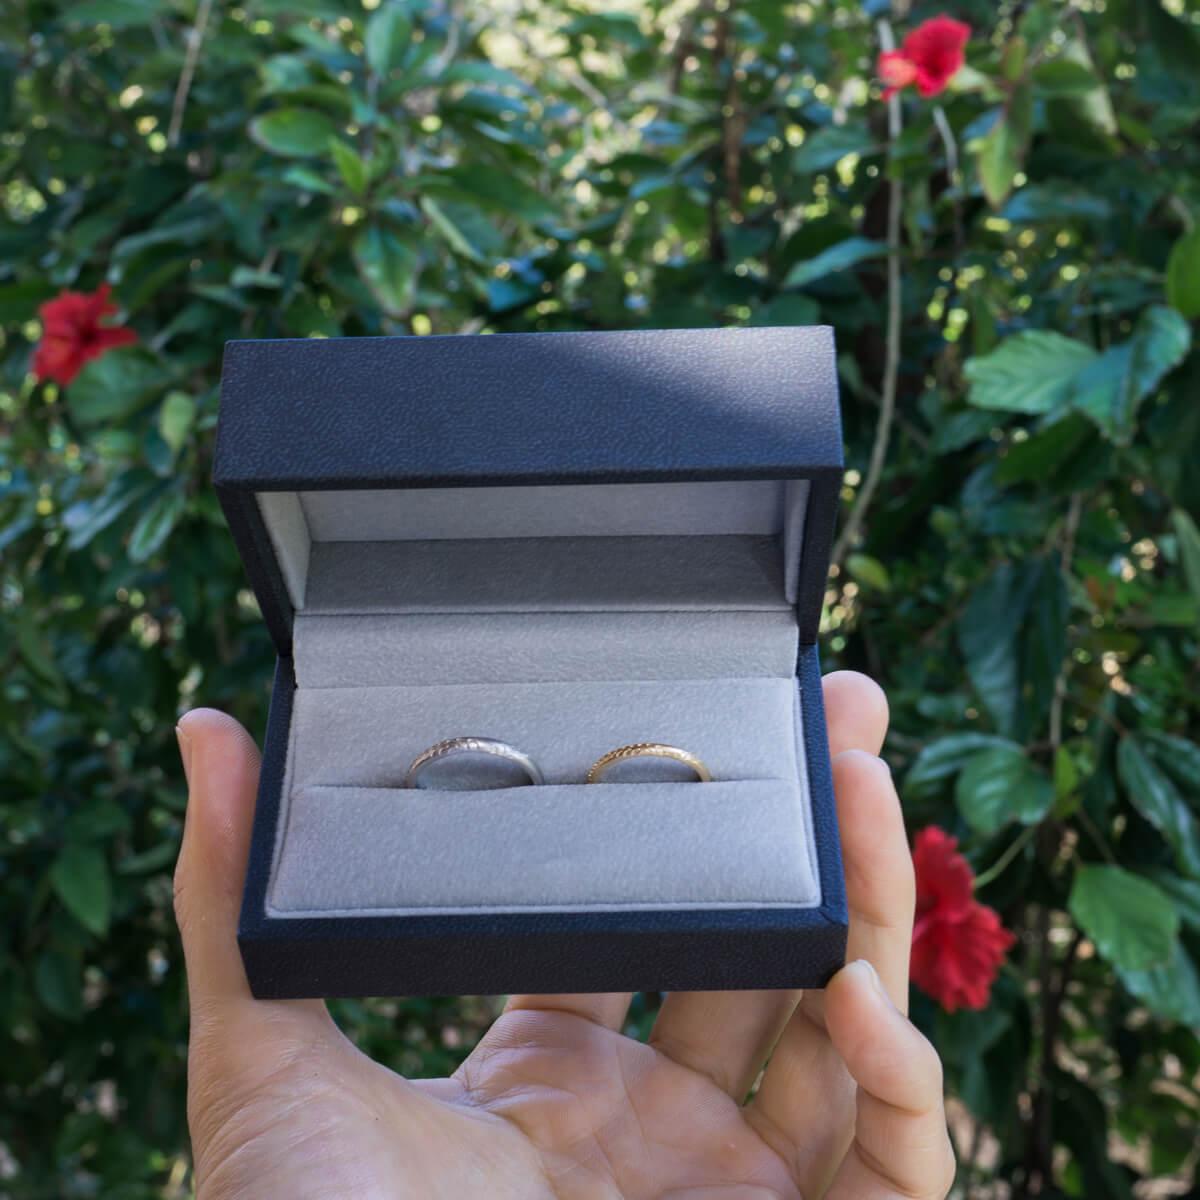 ケースの中のオーダーメイド結婚指輪 屋久島の緑バック 屋久島のシダモチーフ ゴールド、プラチナ 屋久島でつくる結婚指輪